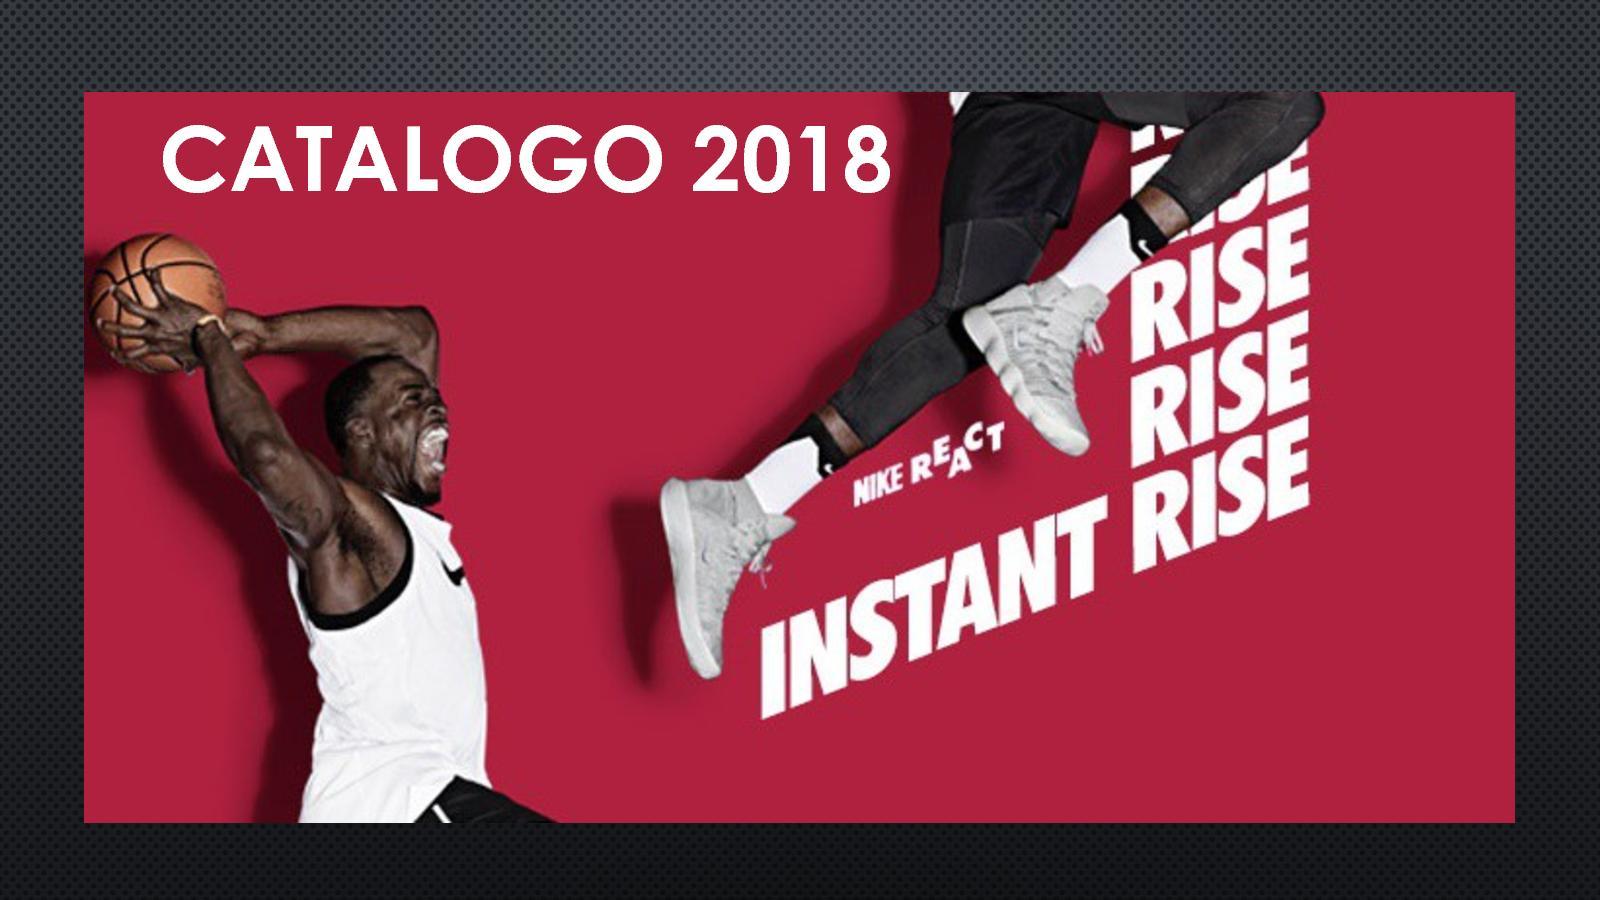 4396e002d1 Calaméo - Catalogo Nike